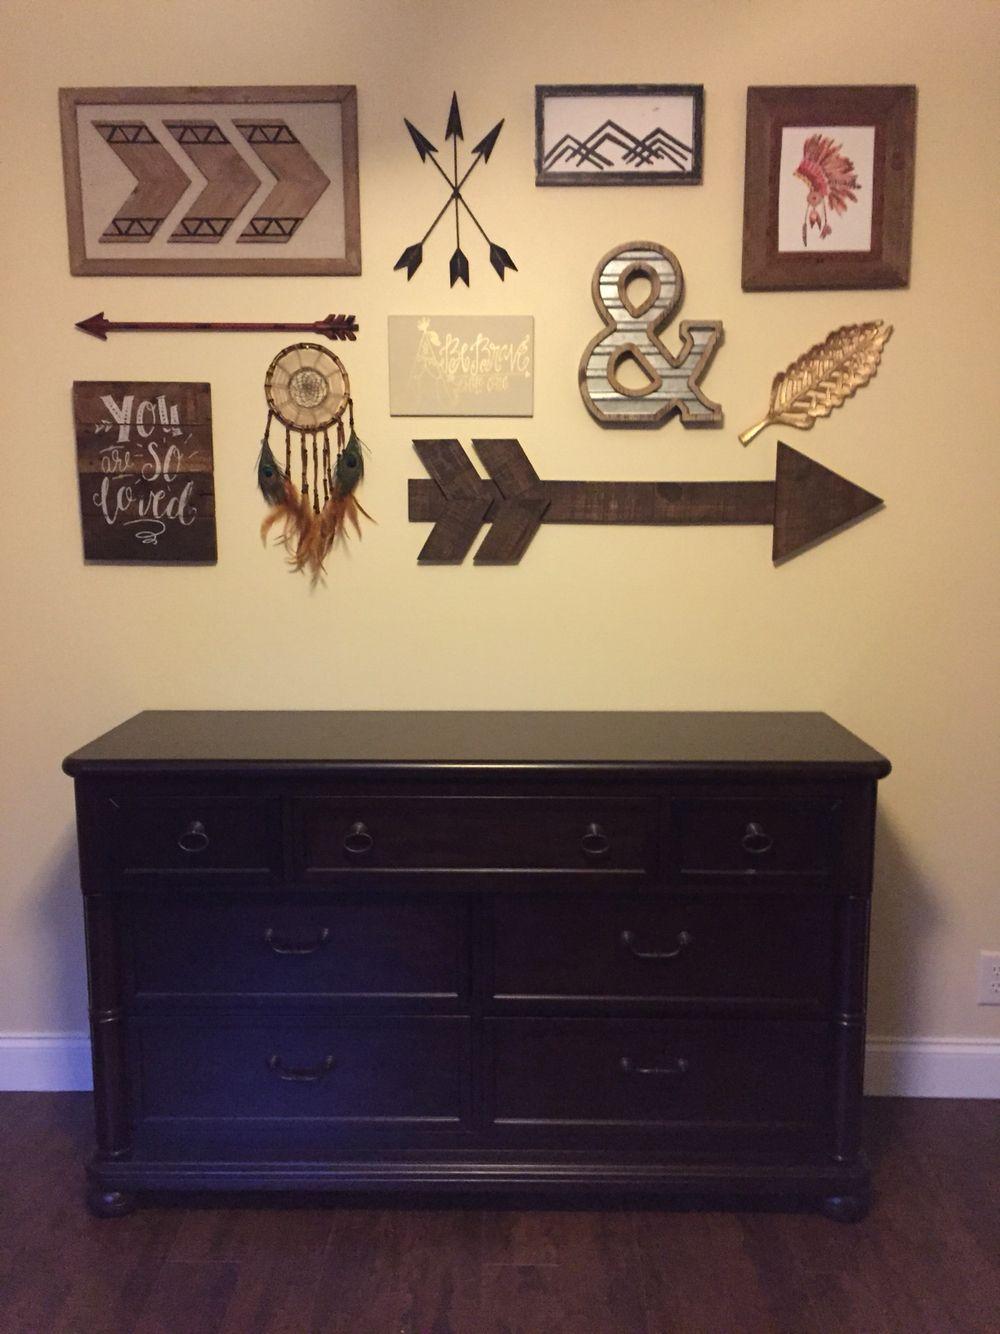 Aztec Nursery! | room ideas | Pinterest | Aztec nursery, Aztec and ...